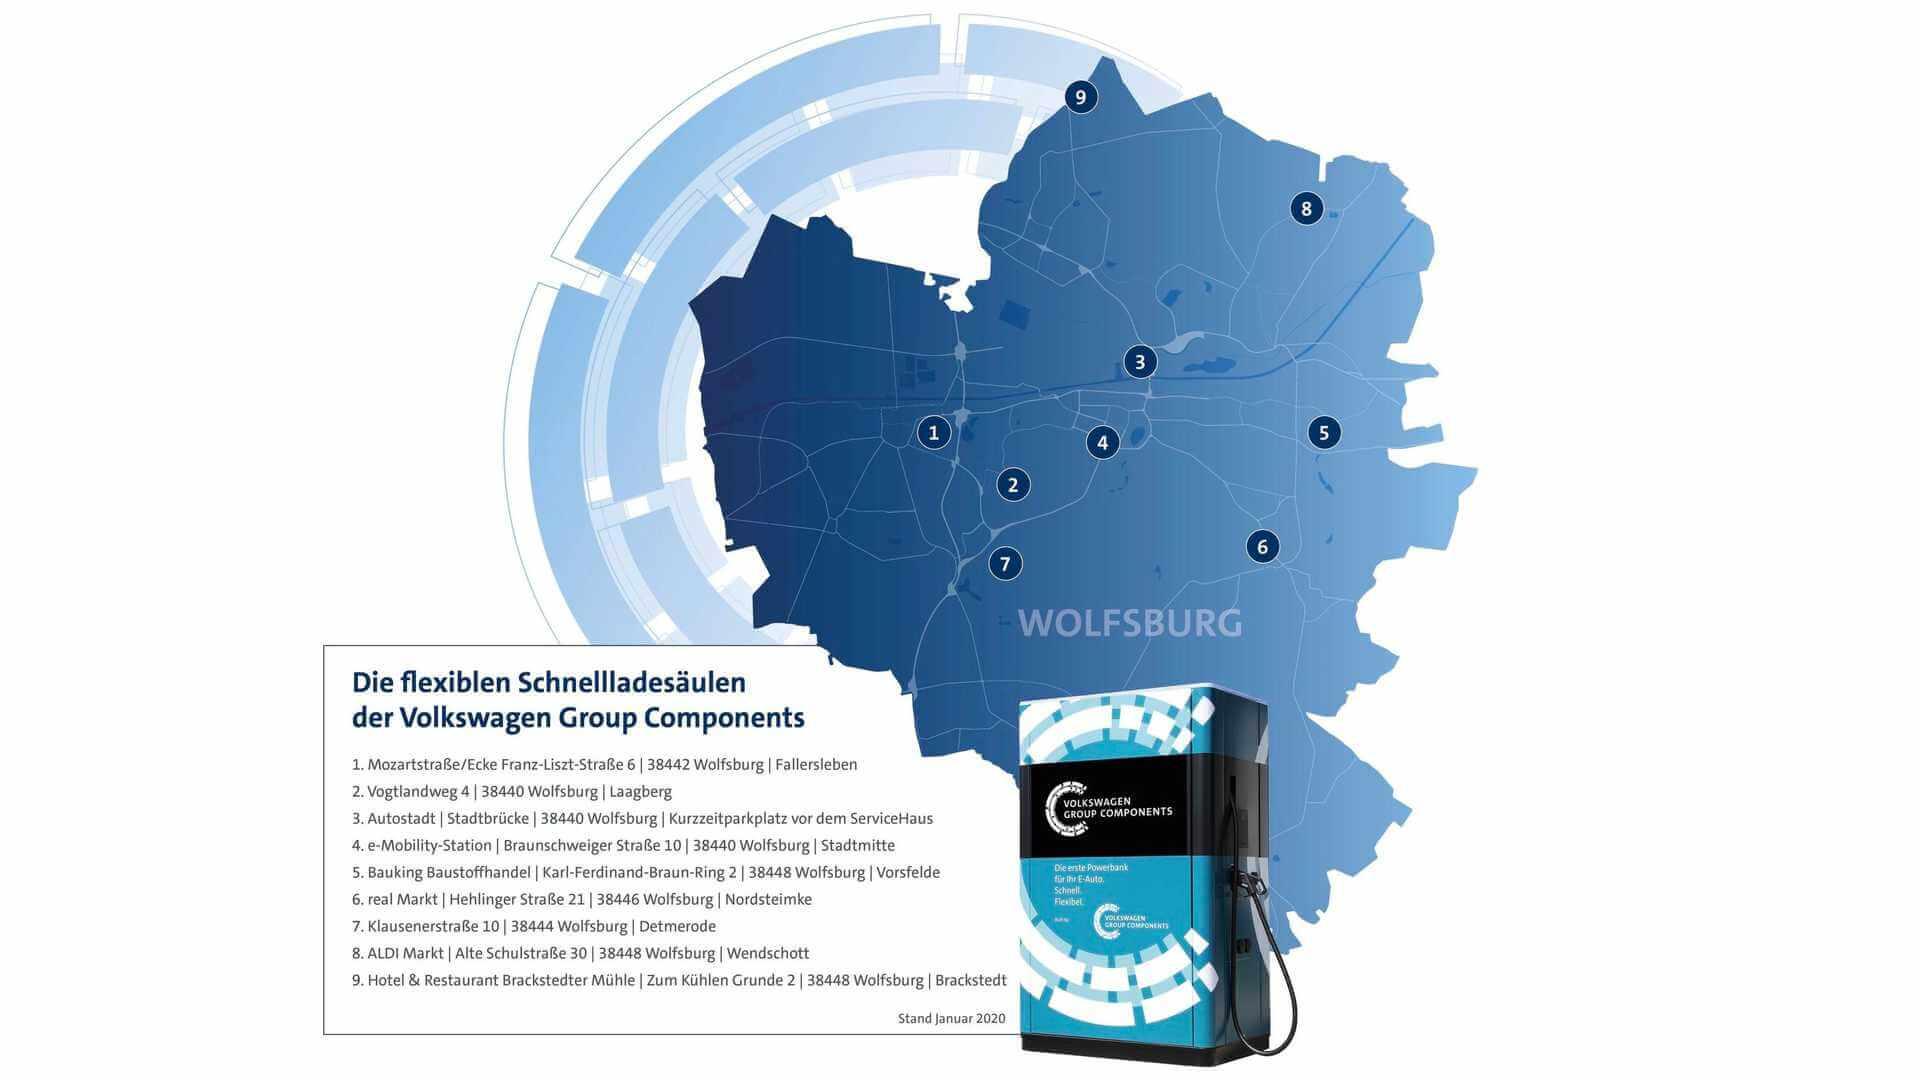 Карта установленных мобильных зарядных станций в Вольфсбурге